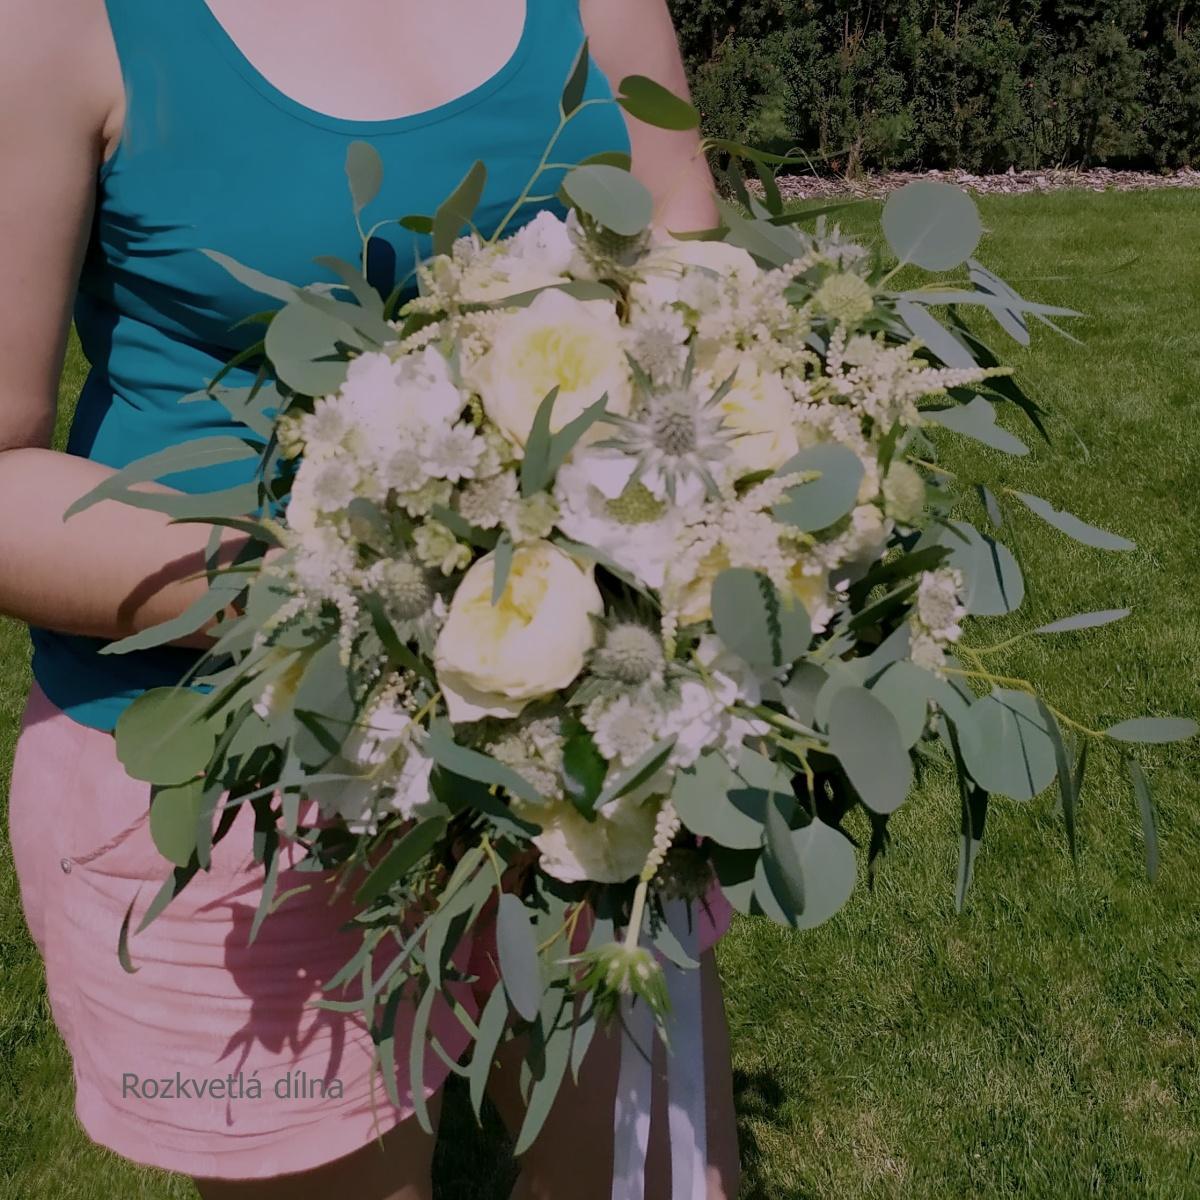 Milé nevěsty, pokud sháníte dodavatele na svatební květiny, budu ráda, když nakouknete do mé dílny. Mám ještě i nějaké volné termíny, proto neváhejte poptat ten Váš! Budu se těšit na Vaše květinové výzvy! - Obrázek č. 2